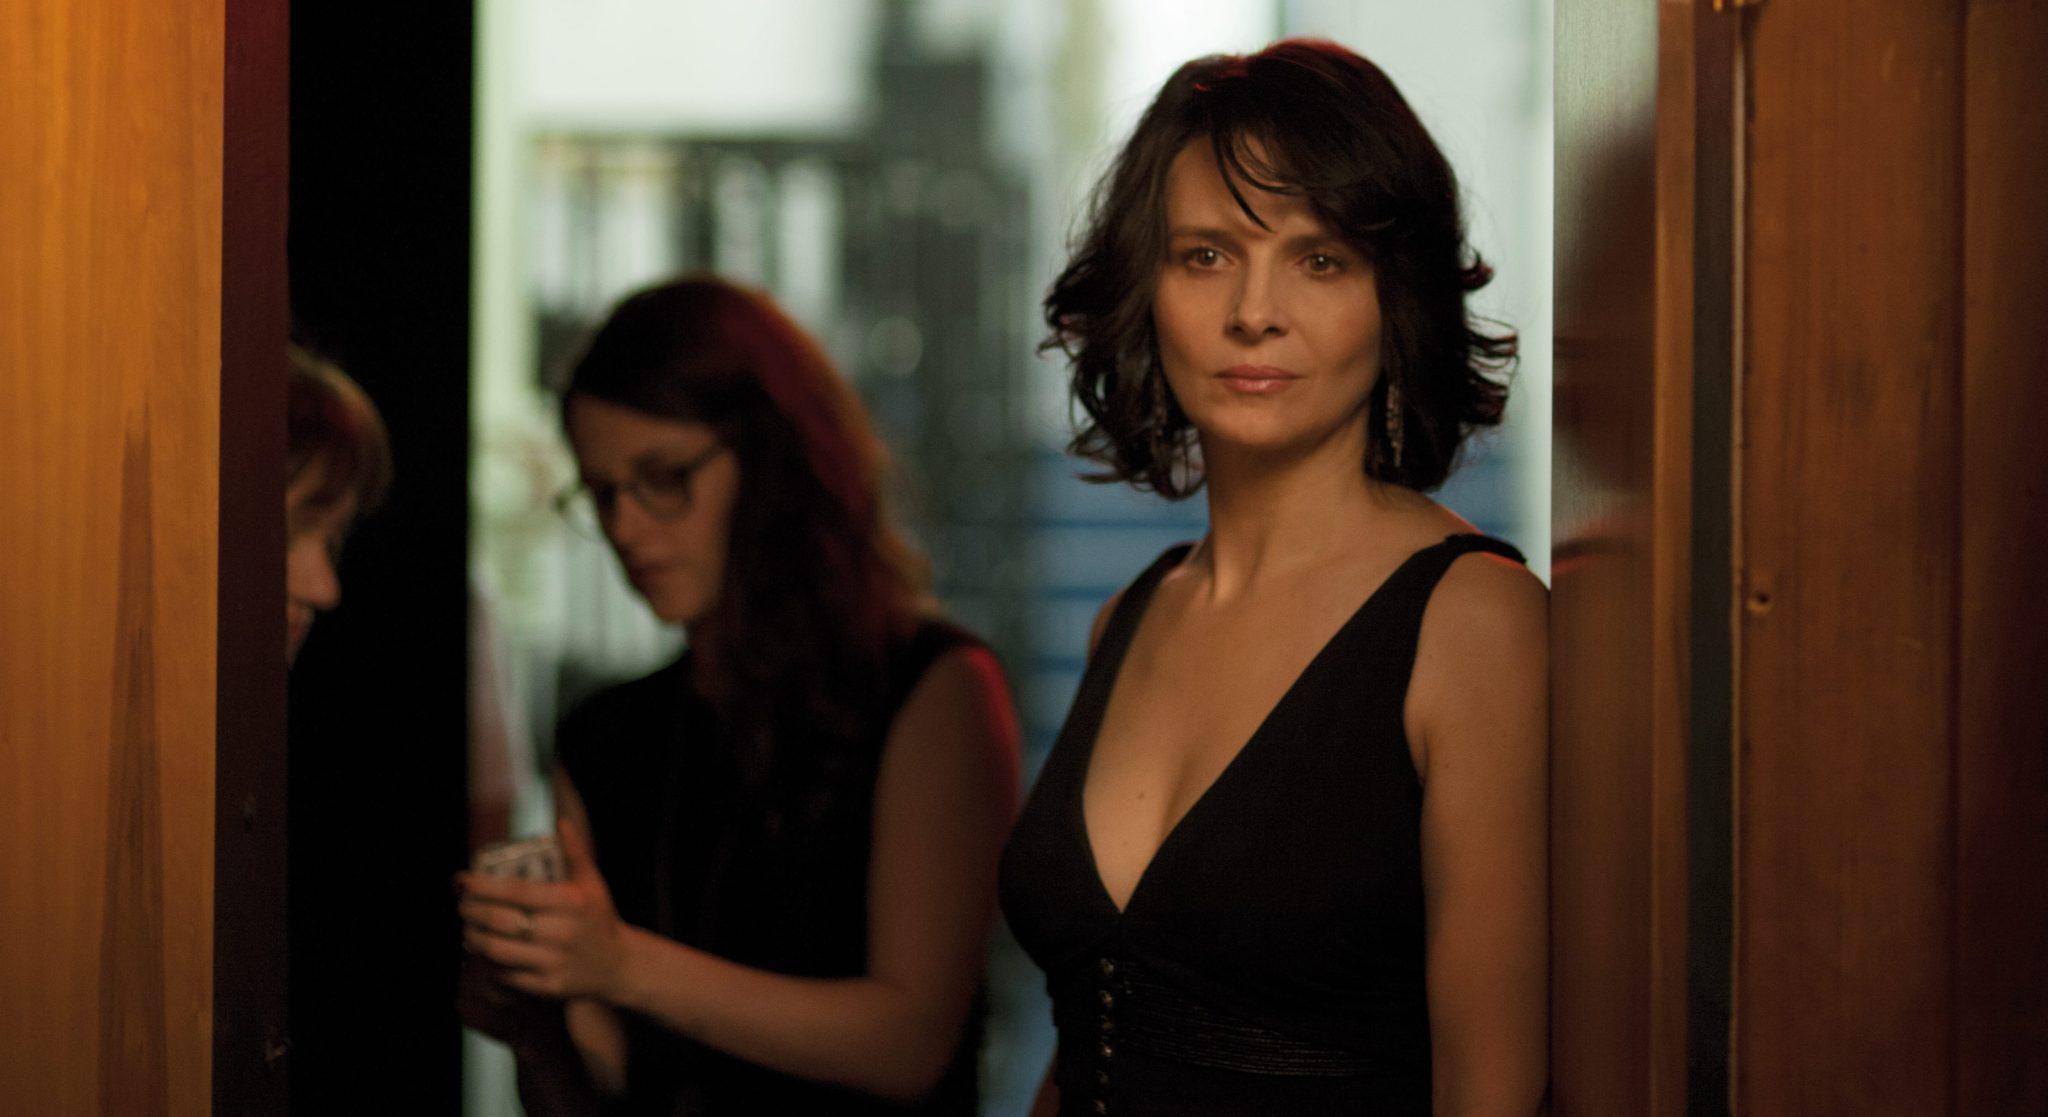 Sils Maria d'Olivier Assayas photo Juliette Binoche